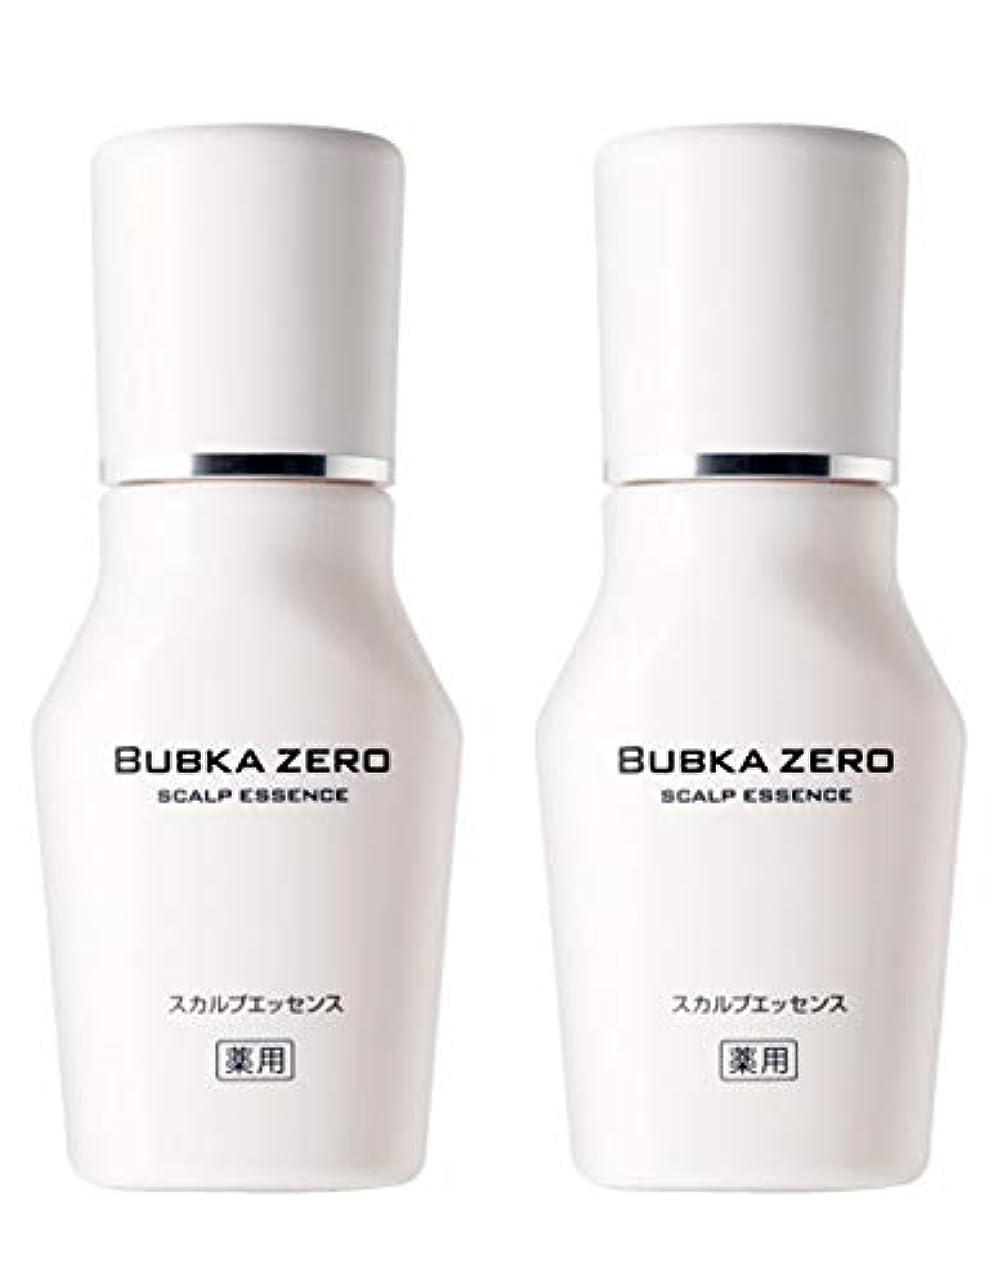 威する失う疾患【医薬部外品】BUBKA(ブブカ)薬用 スカルプエッセンス 育毛剤 BUBKA ZERO (ブブカ ゼロ)2本セット